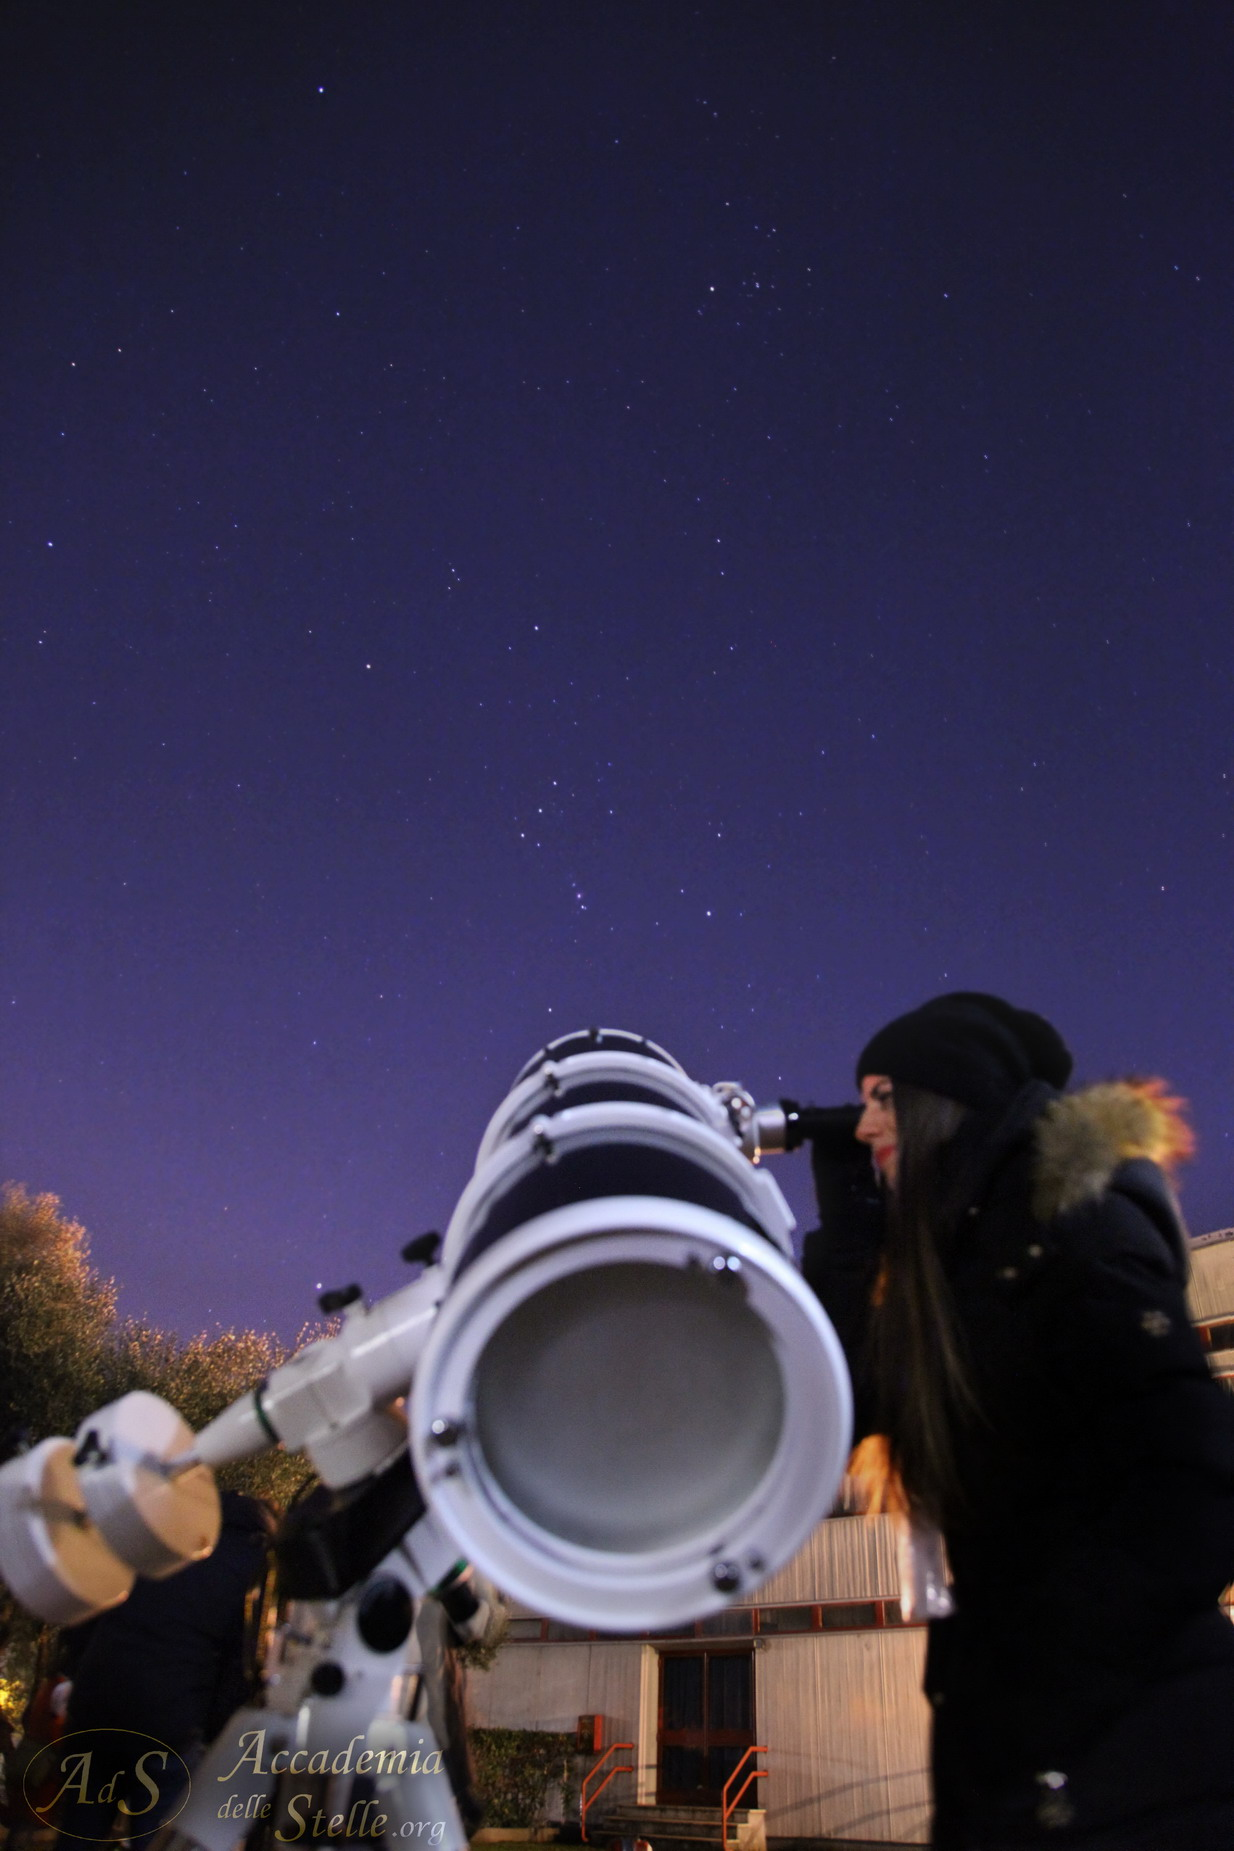 Adryana Kateshiki ed il suo telescopio alle prese con la Grande Nebulosa di Orione al termine della serata osservativa. Nella foto, in alto Aldebaran e le Iadi; sotto, vicino alle manopole del telescopio, la stella più luminosa del cielo, Sirio.